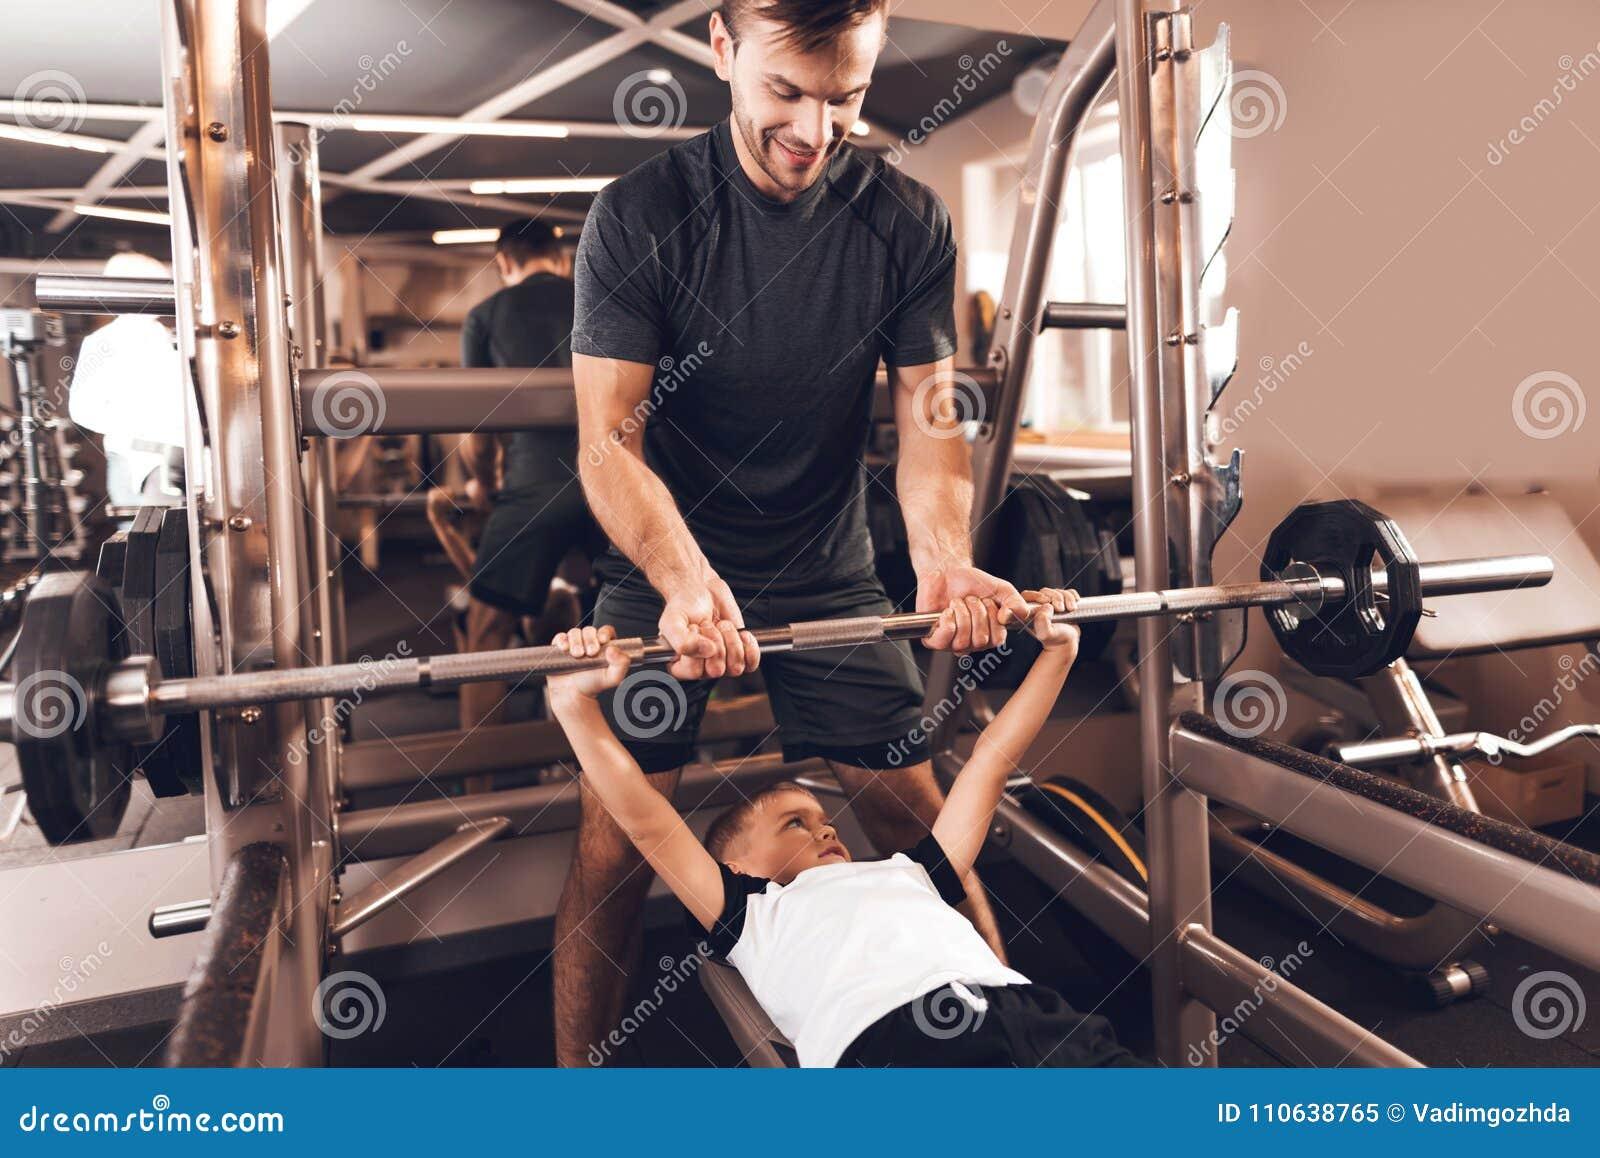 Fader och son i idrottshallen Fadern och sonen spenderar tid tillsammans och leder en sund livsstil